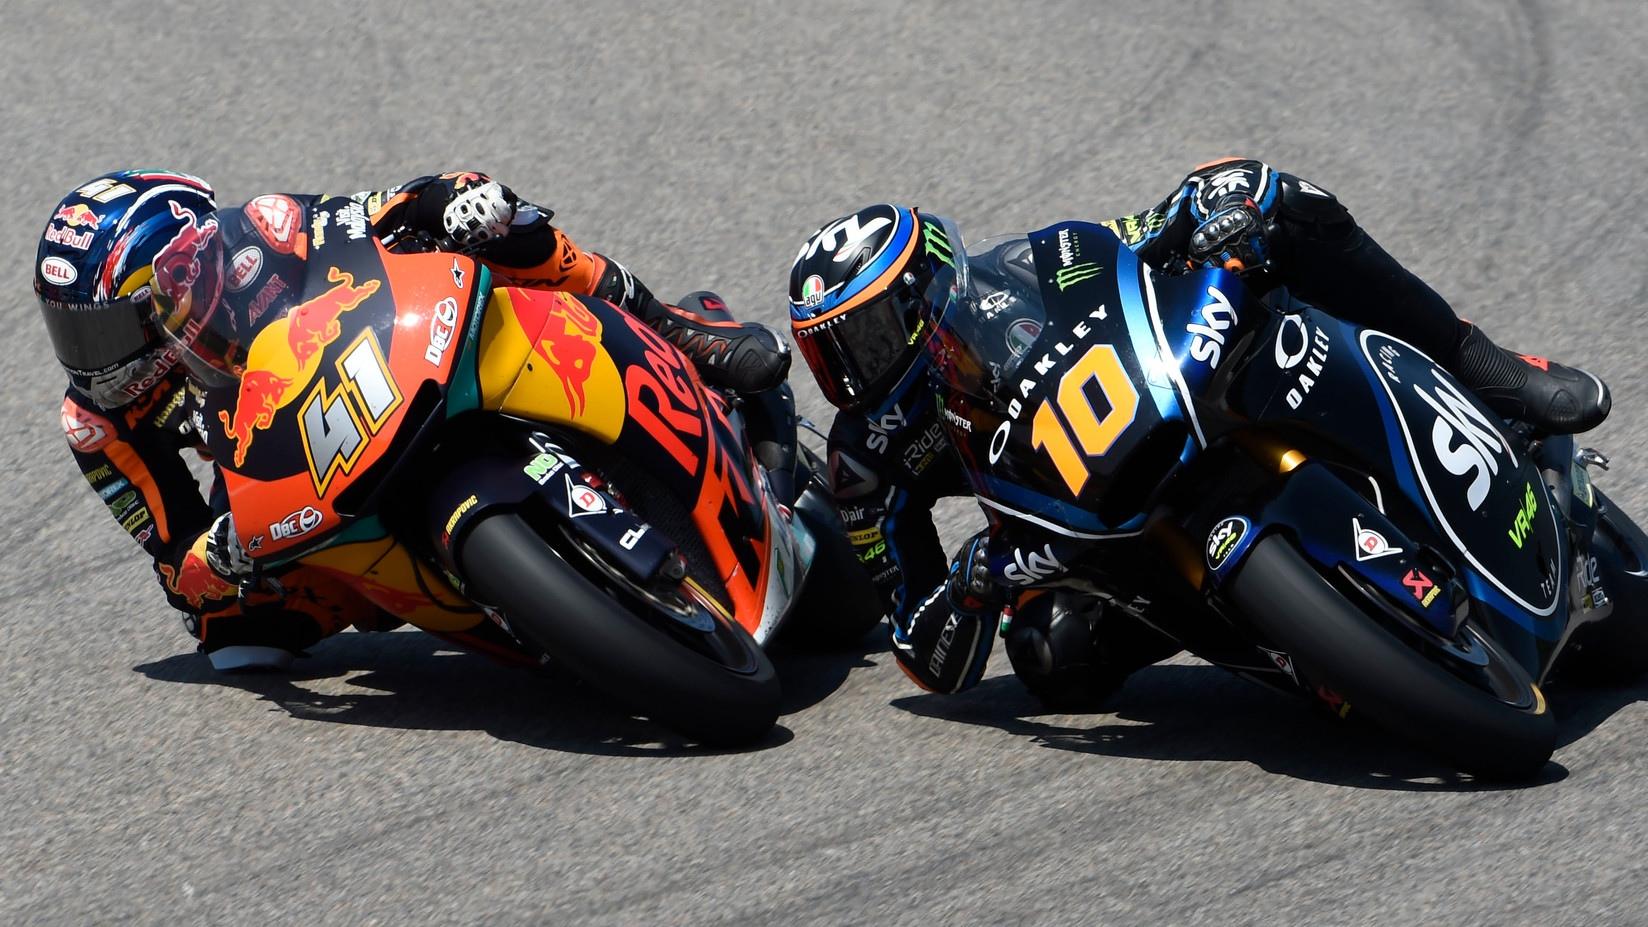 Moto2 2019: pilotos, motos, calendario, españoles y cinco favoritos